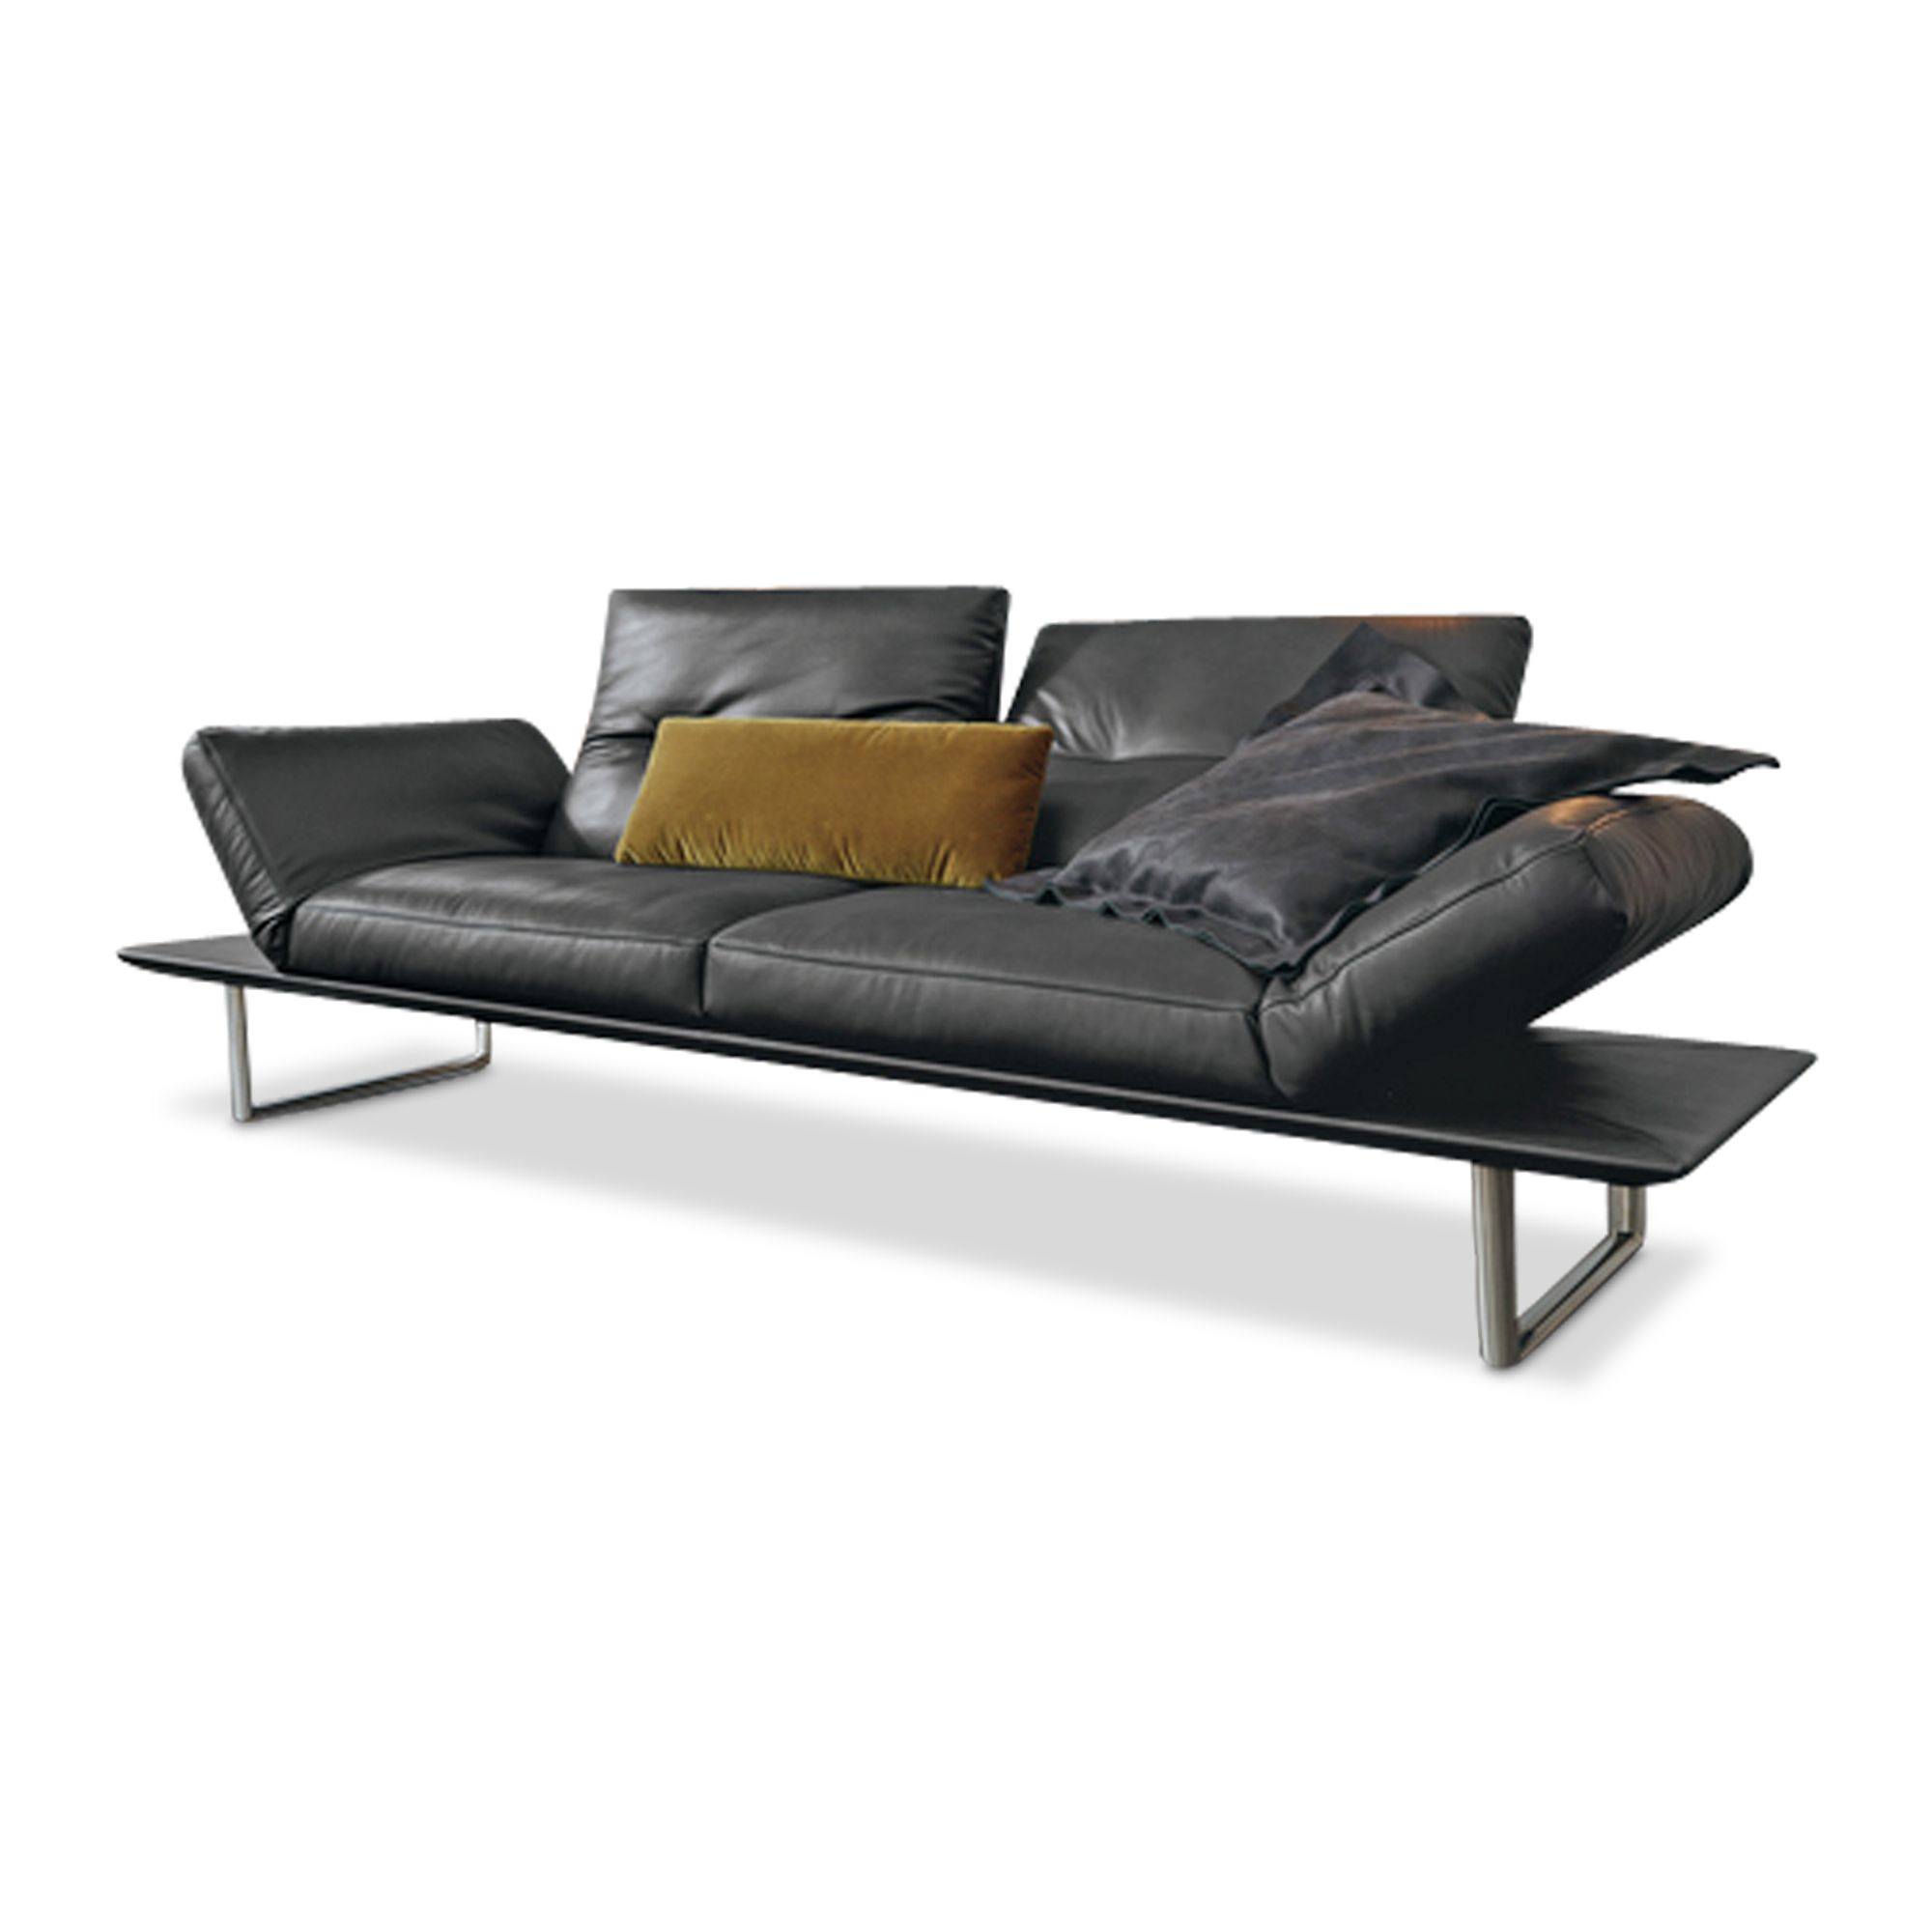 Top Ergebnis 50 Frisch Couch 2 Sitzer Mit Schlaffunktion Bild 2017